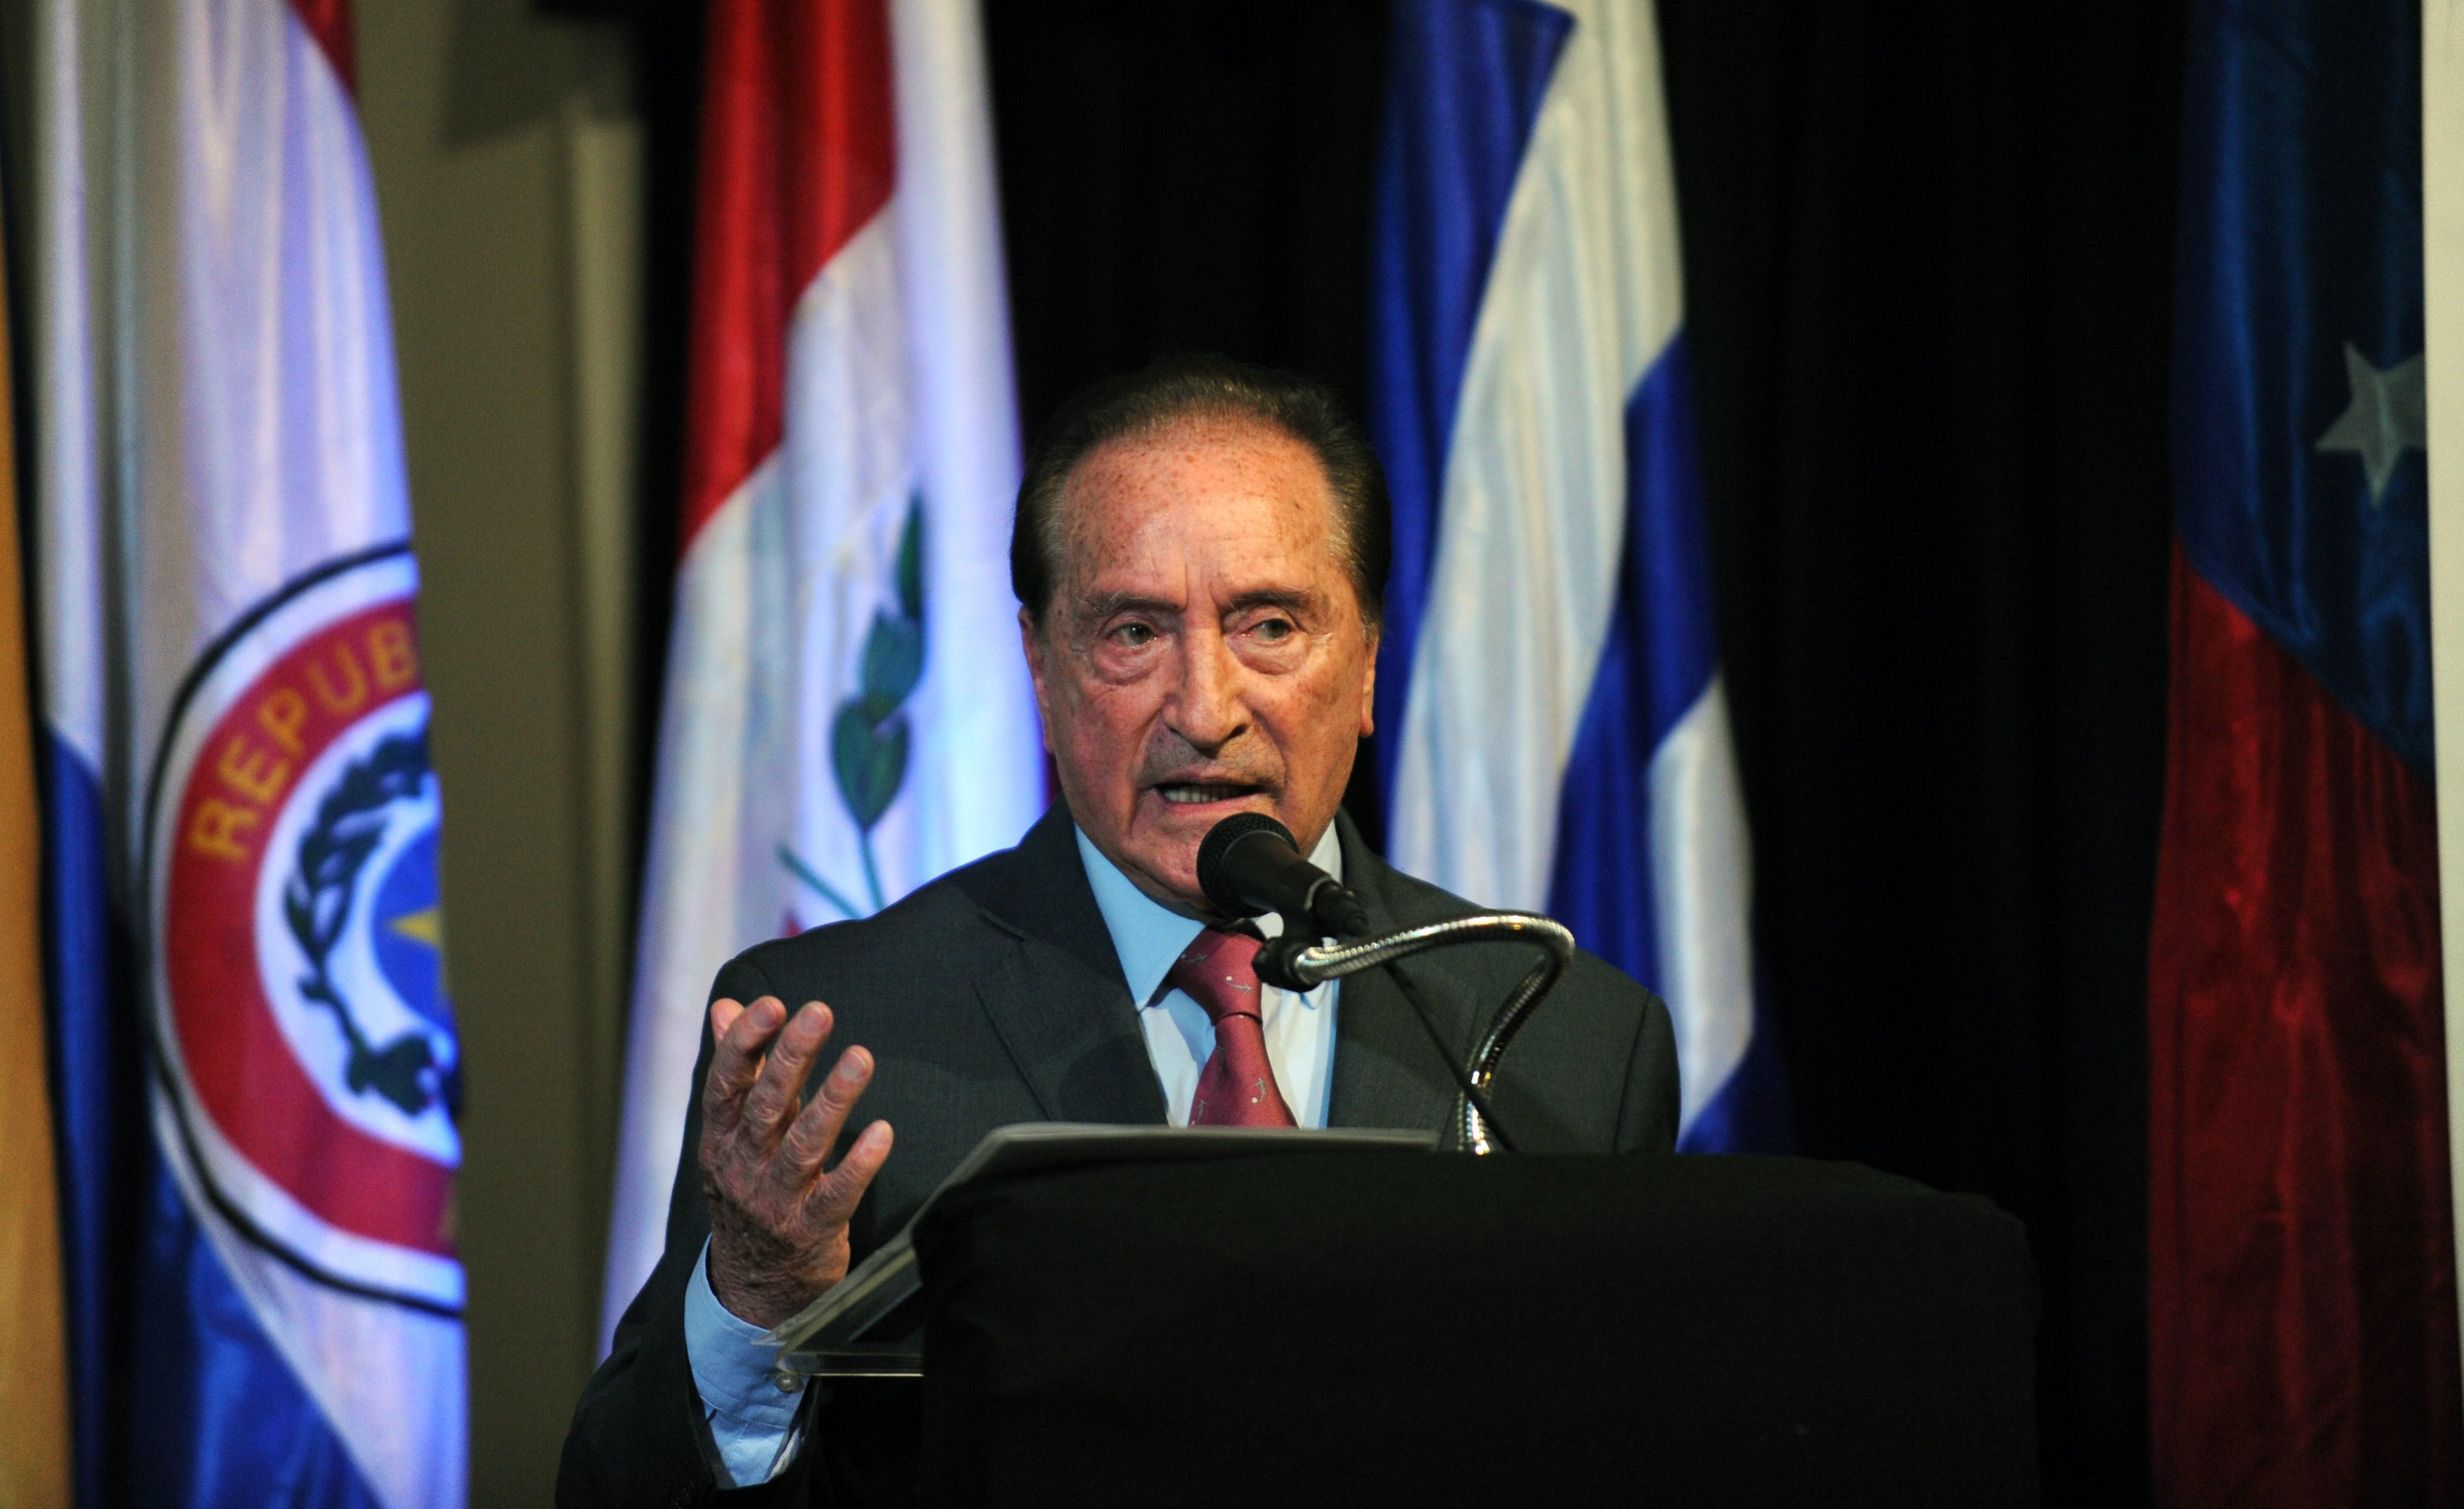 Vicepresidente y hasta 2014 presidente de la Conmebol. Fue presidente de la Asociación Uruguaya de Fútbol (AUF) entre 1997 y 2006, y vicepresidente de la Conmebol desde 1993 hasta 2013.